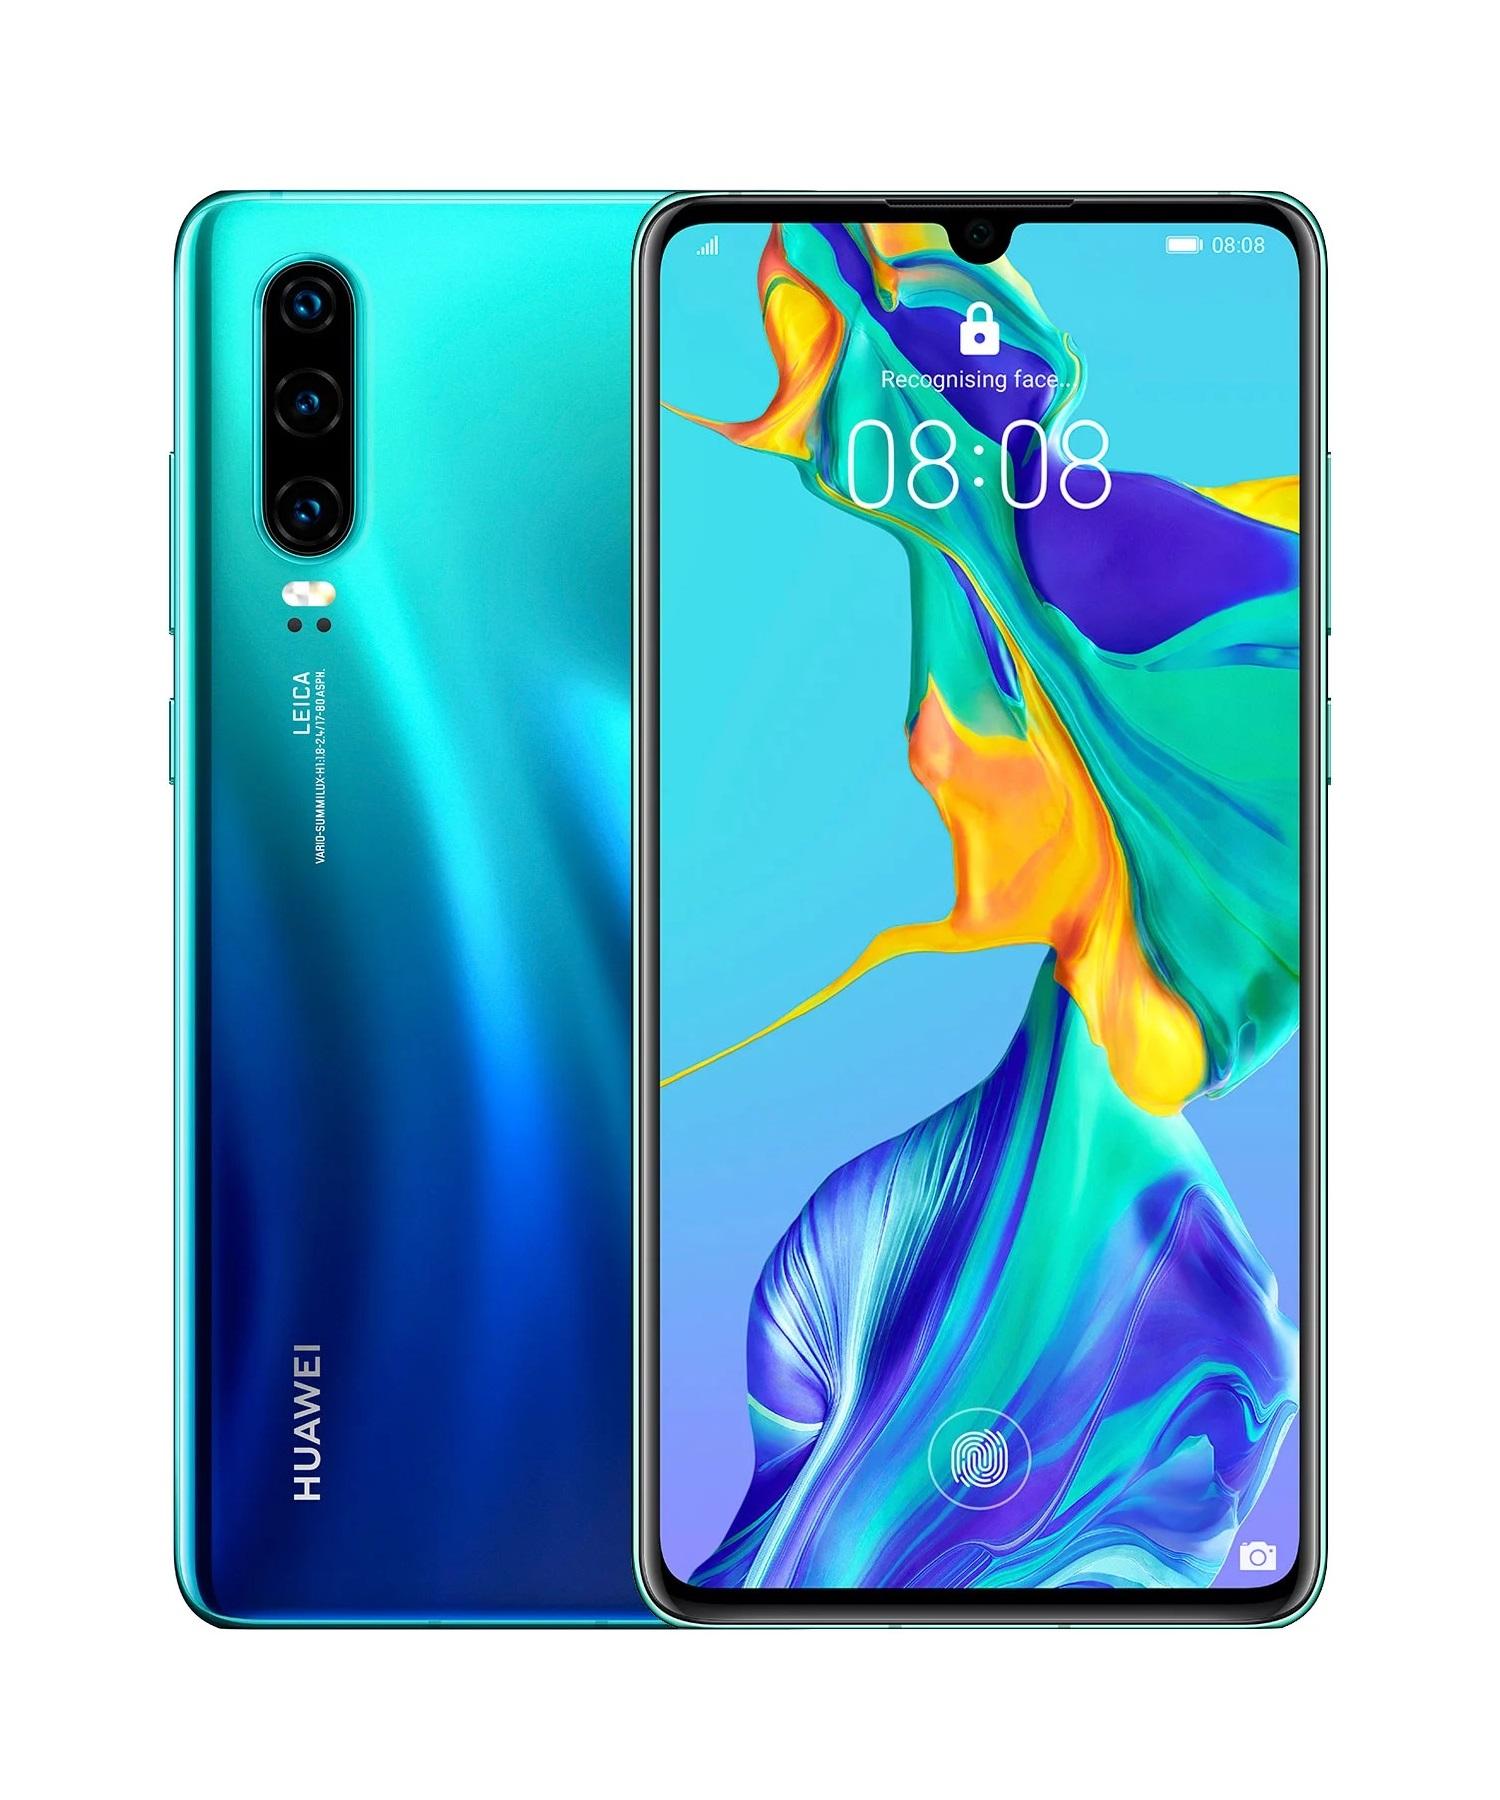 Huawei_P30_Aurora_Blue-1.1555924269841_835219.jpg